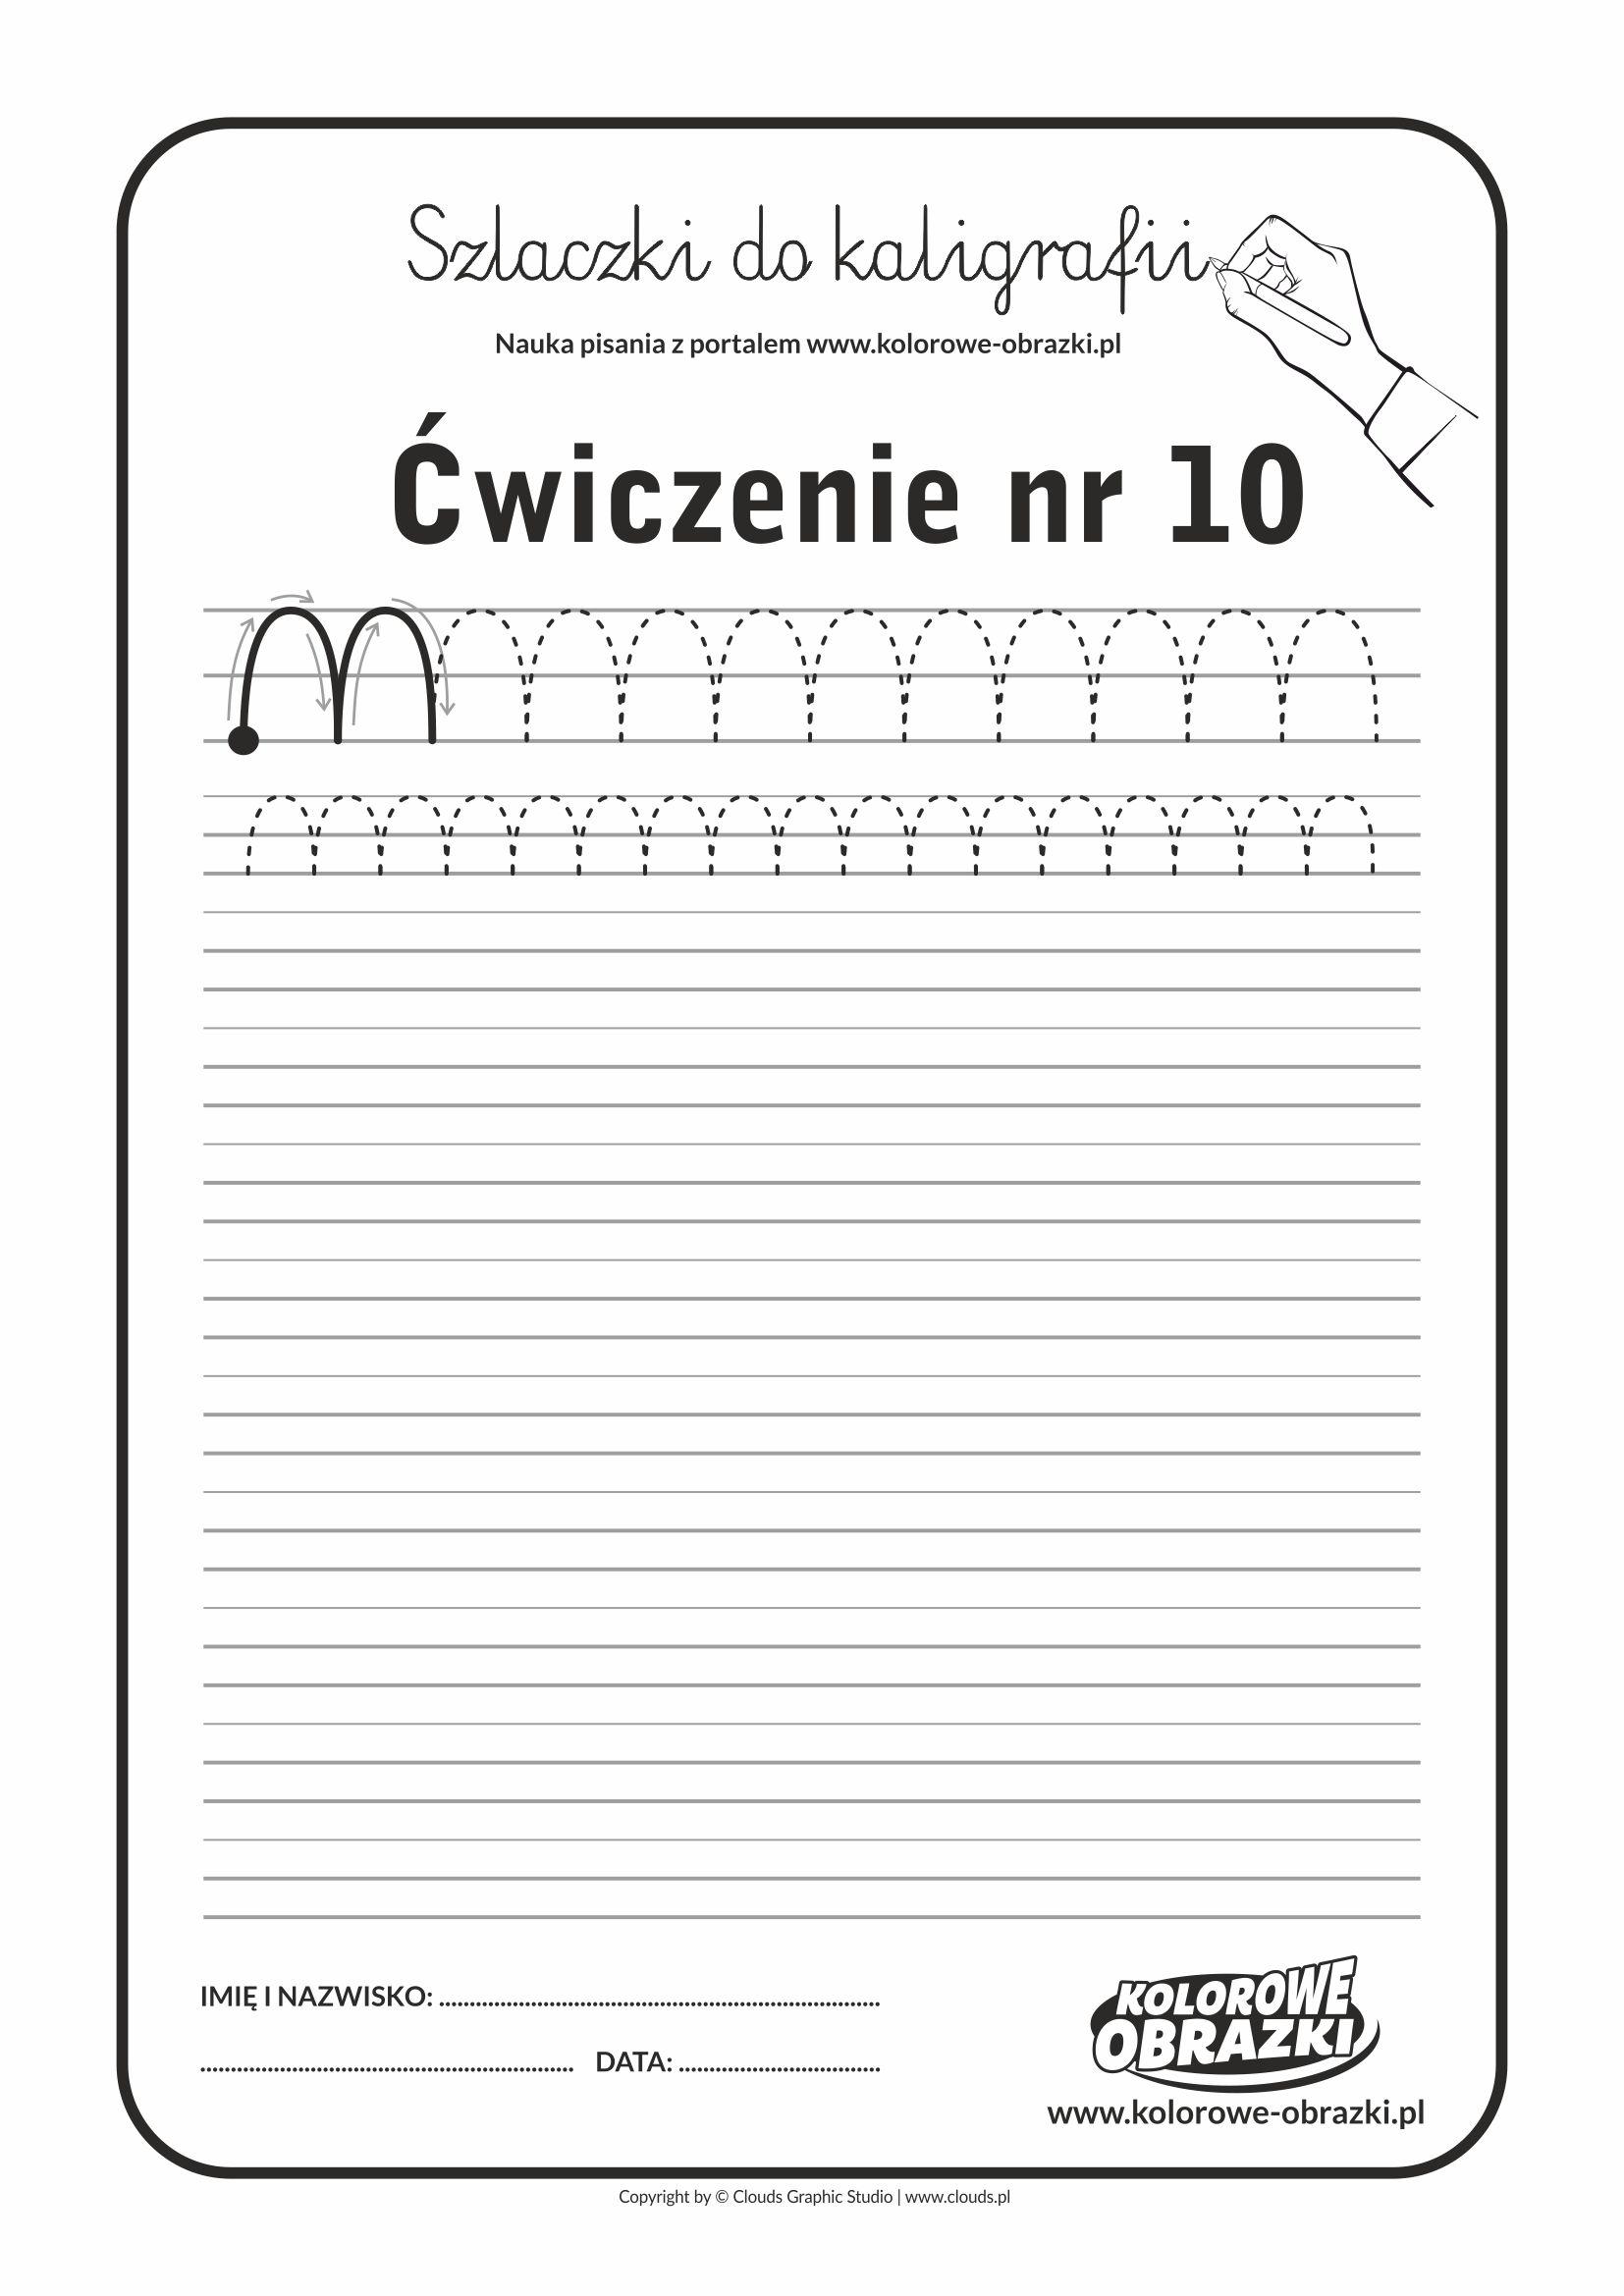 Kaligrafia dla dzieci - Ćwiczenia kaligraficzne / Szlaczki / Ćwiczenie nr 10